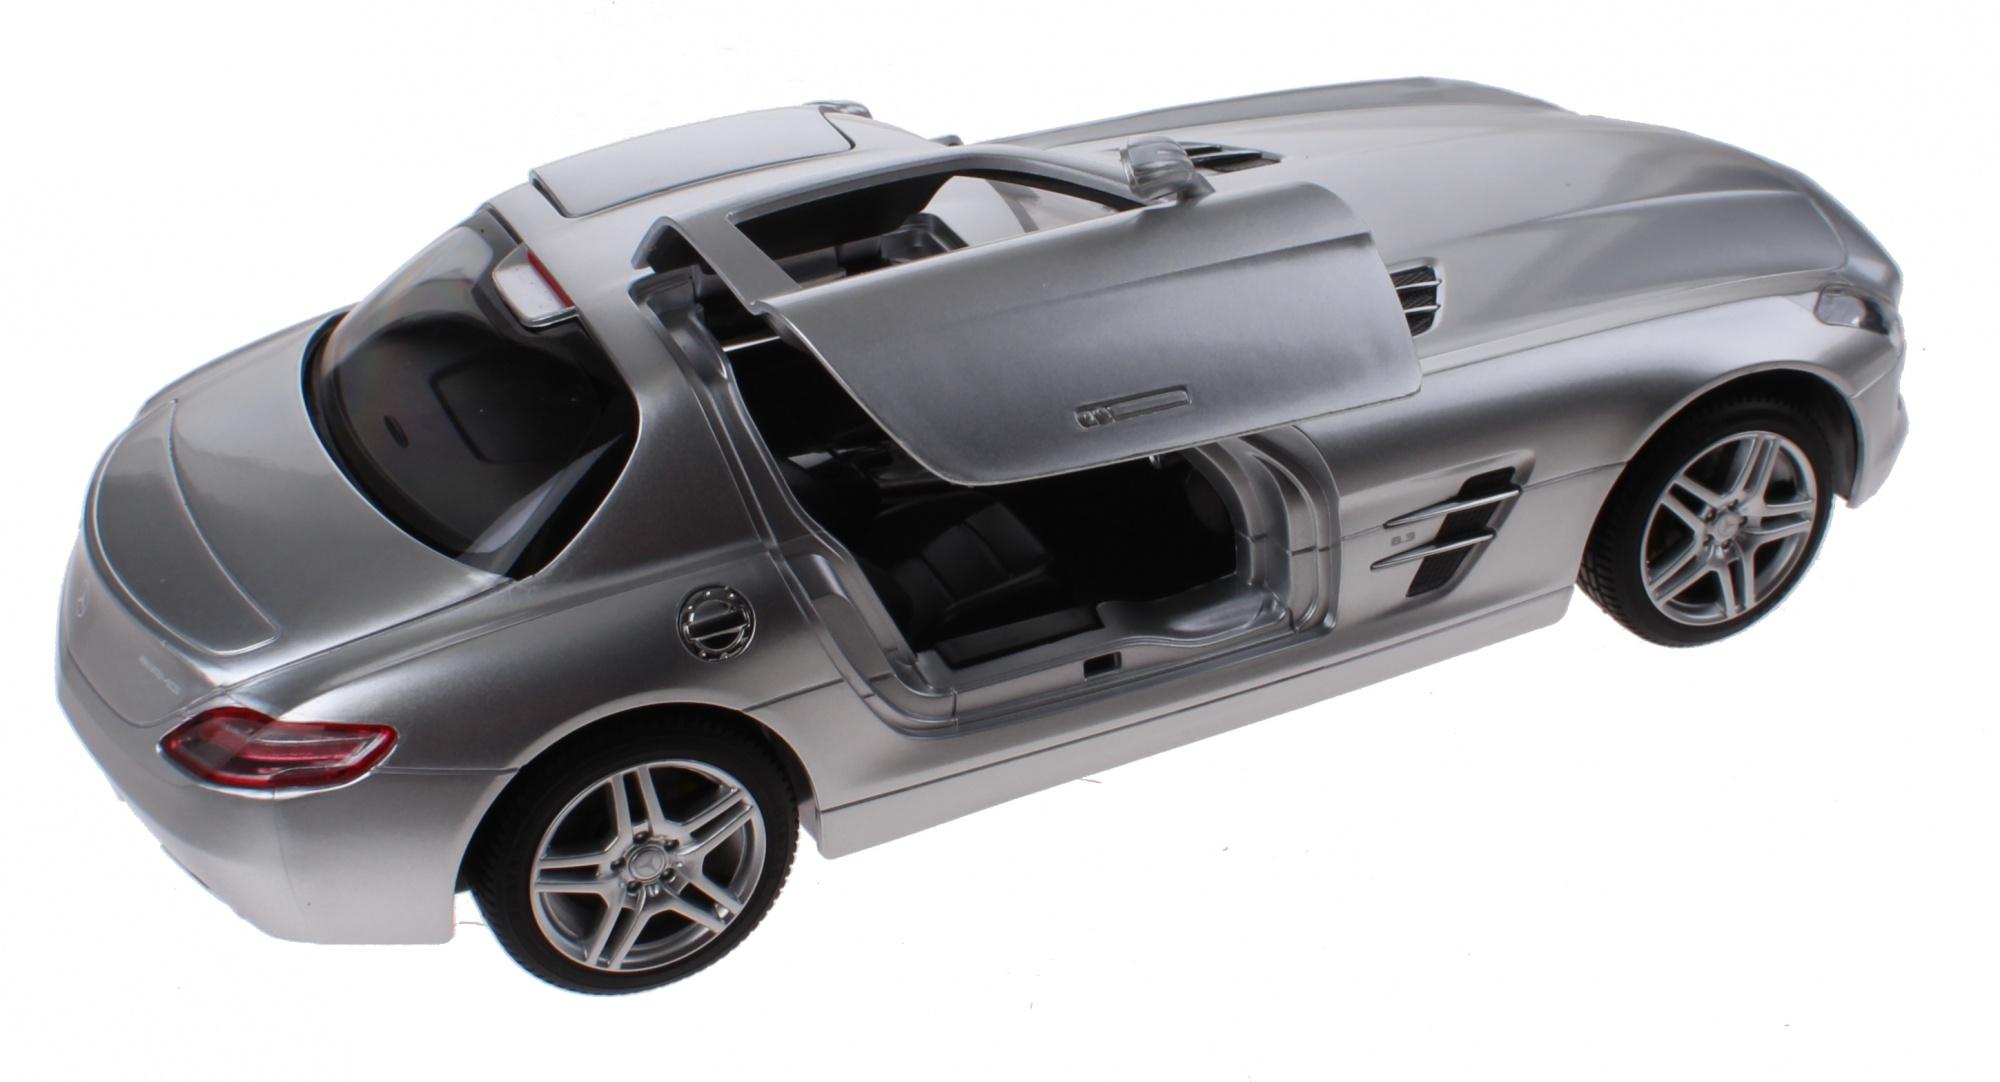 Échelle Argent Rc Mercedes Cm 14 1 Sls Benz Rastar 30 Amg OZPXkiu